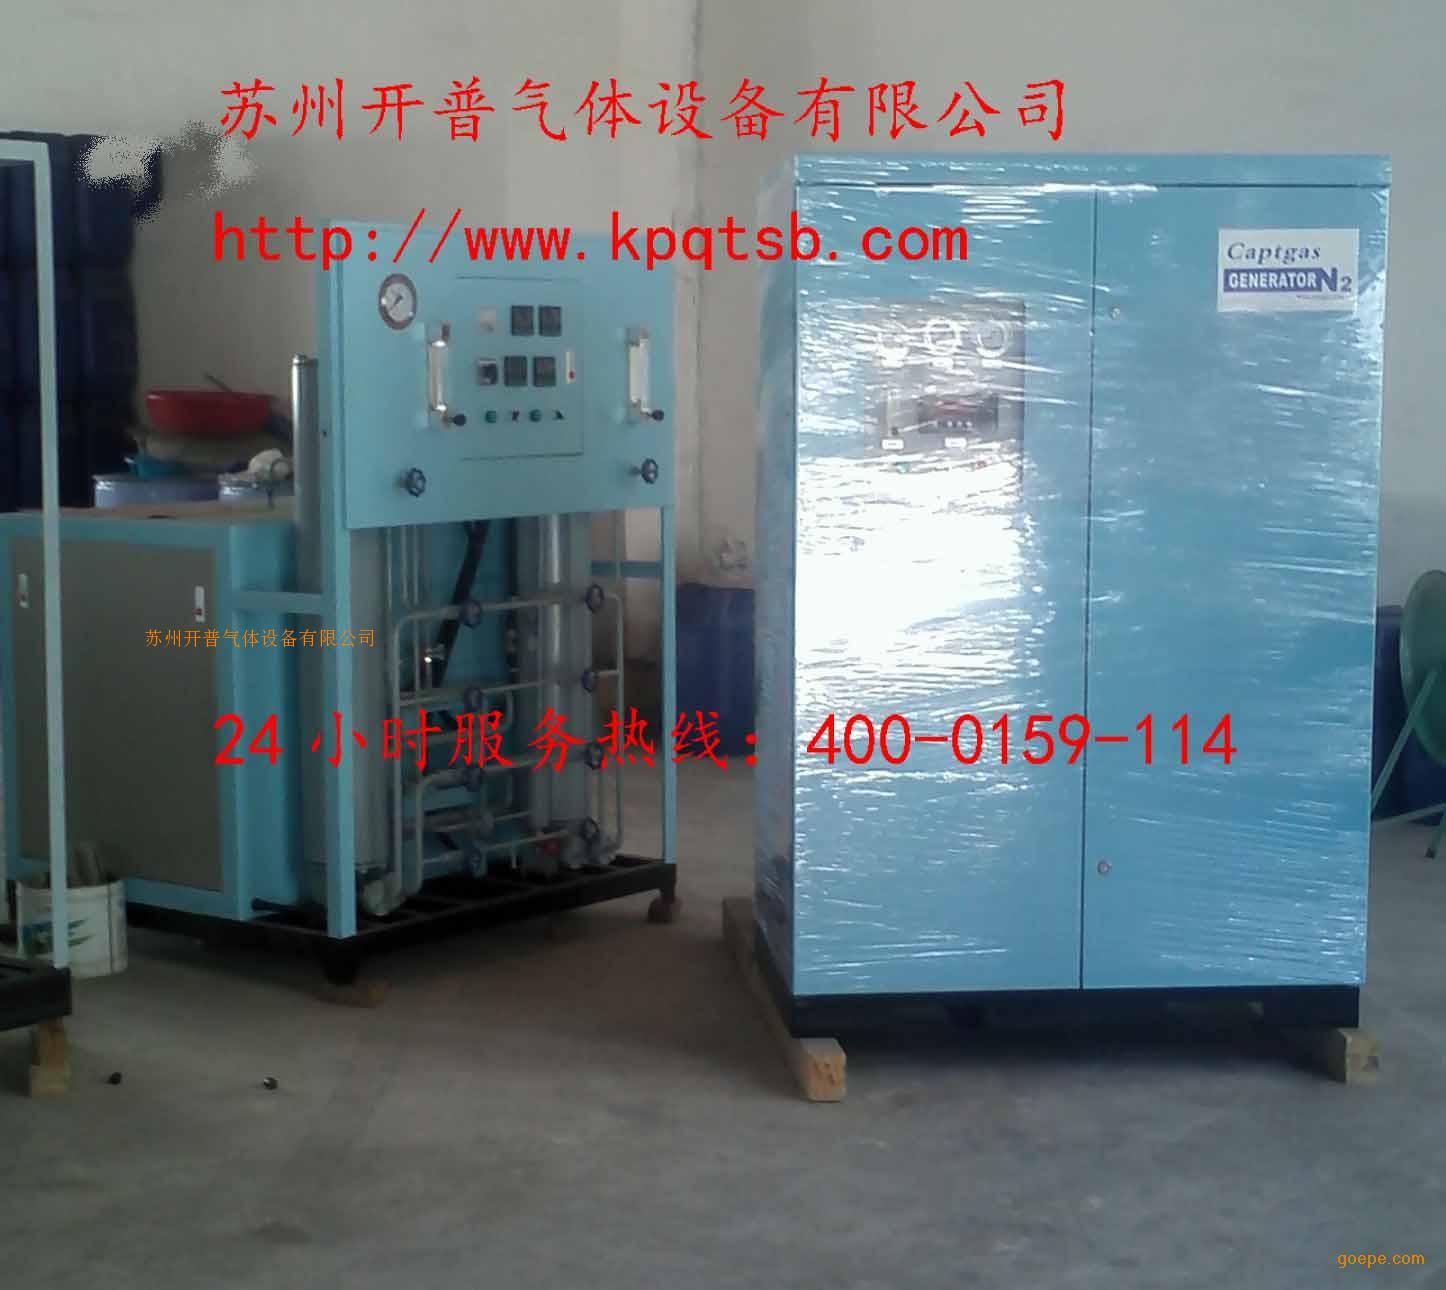 氮气设备/*好的氮气设备/氮气设备厂家